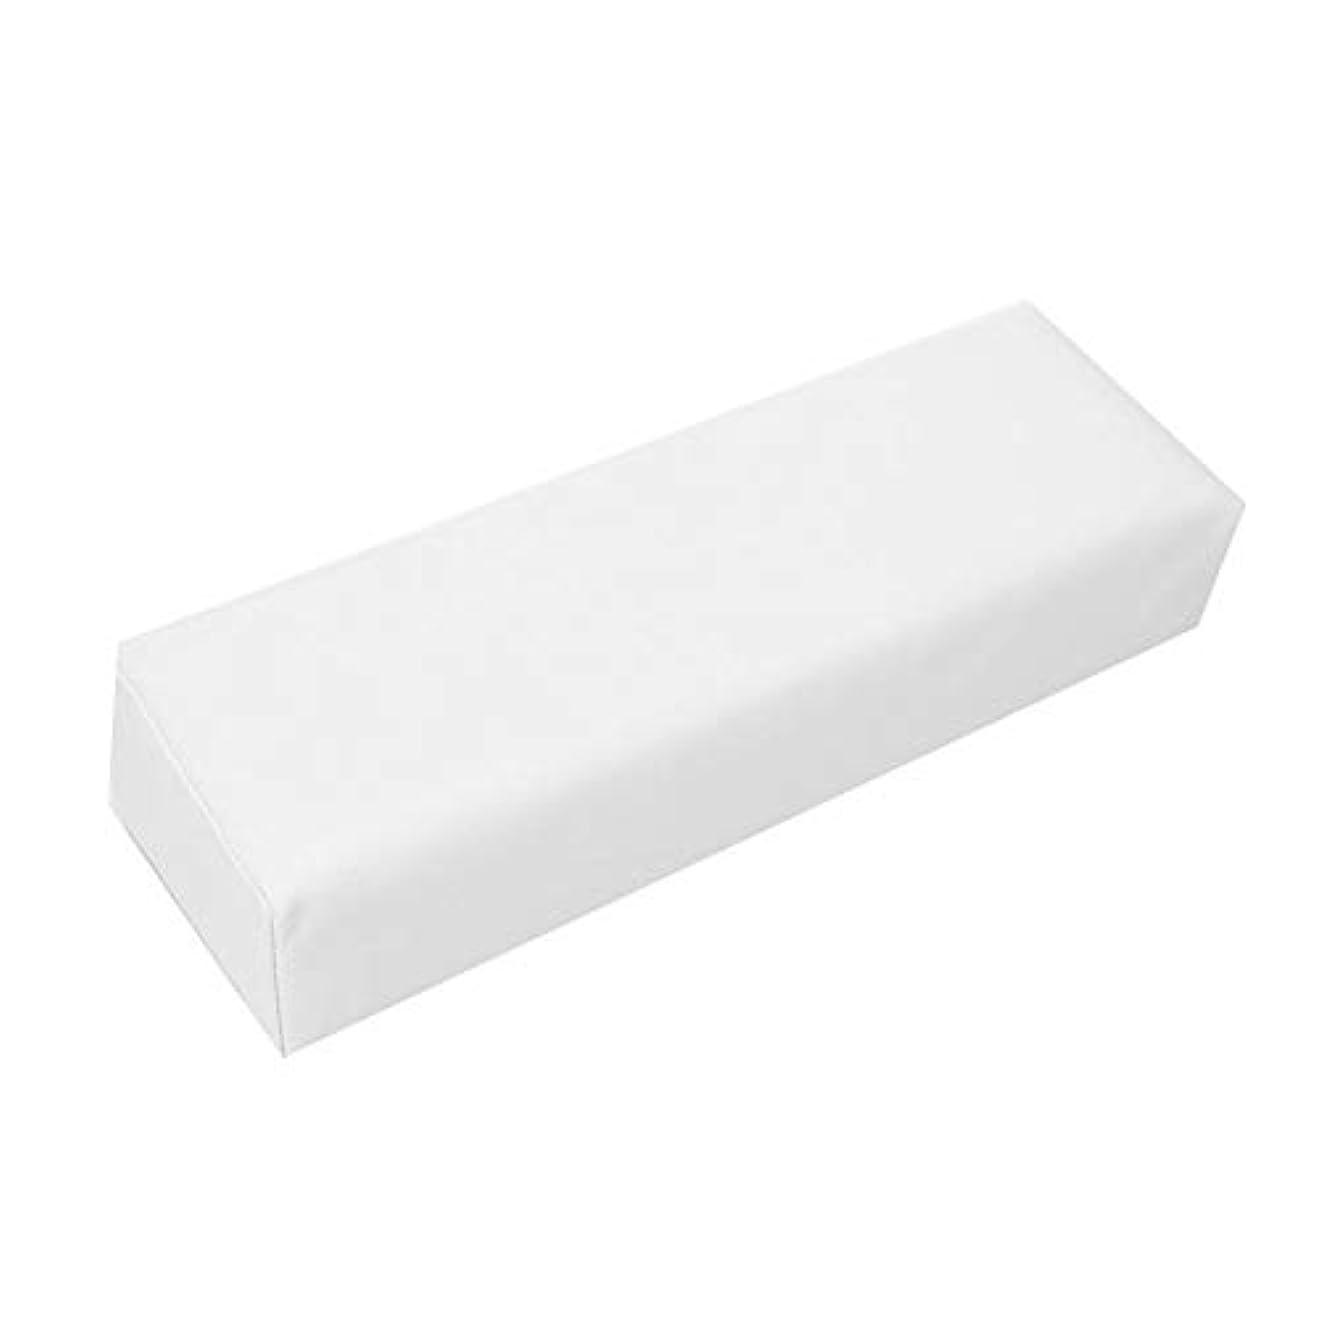 着替えるミリメートルプレフィックスdootiネイル用アームレスト 人工レザー 清潔容易 手をサポート 練習用にも 高弾性な充填物 美容院 美容室 ネイルサロン 理容室に適用(ホワイト)